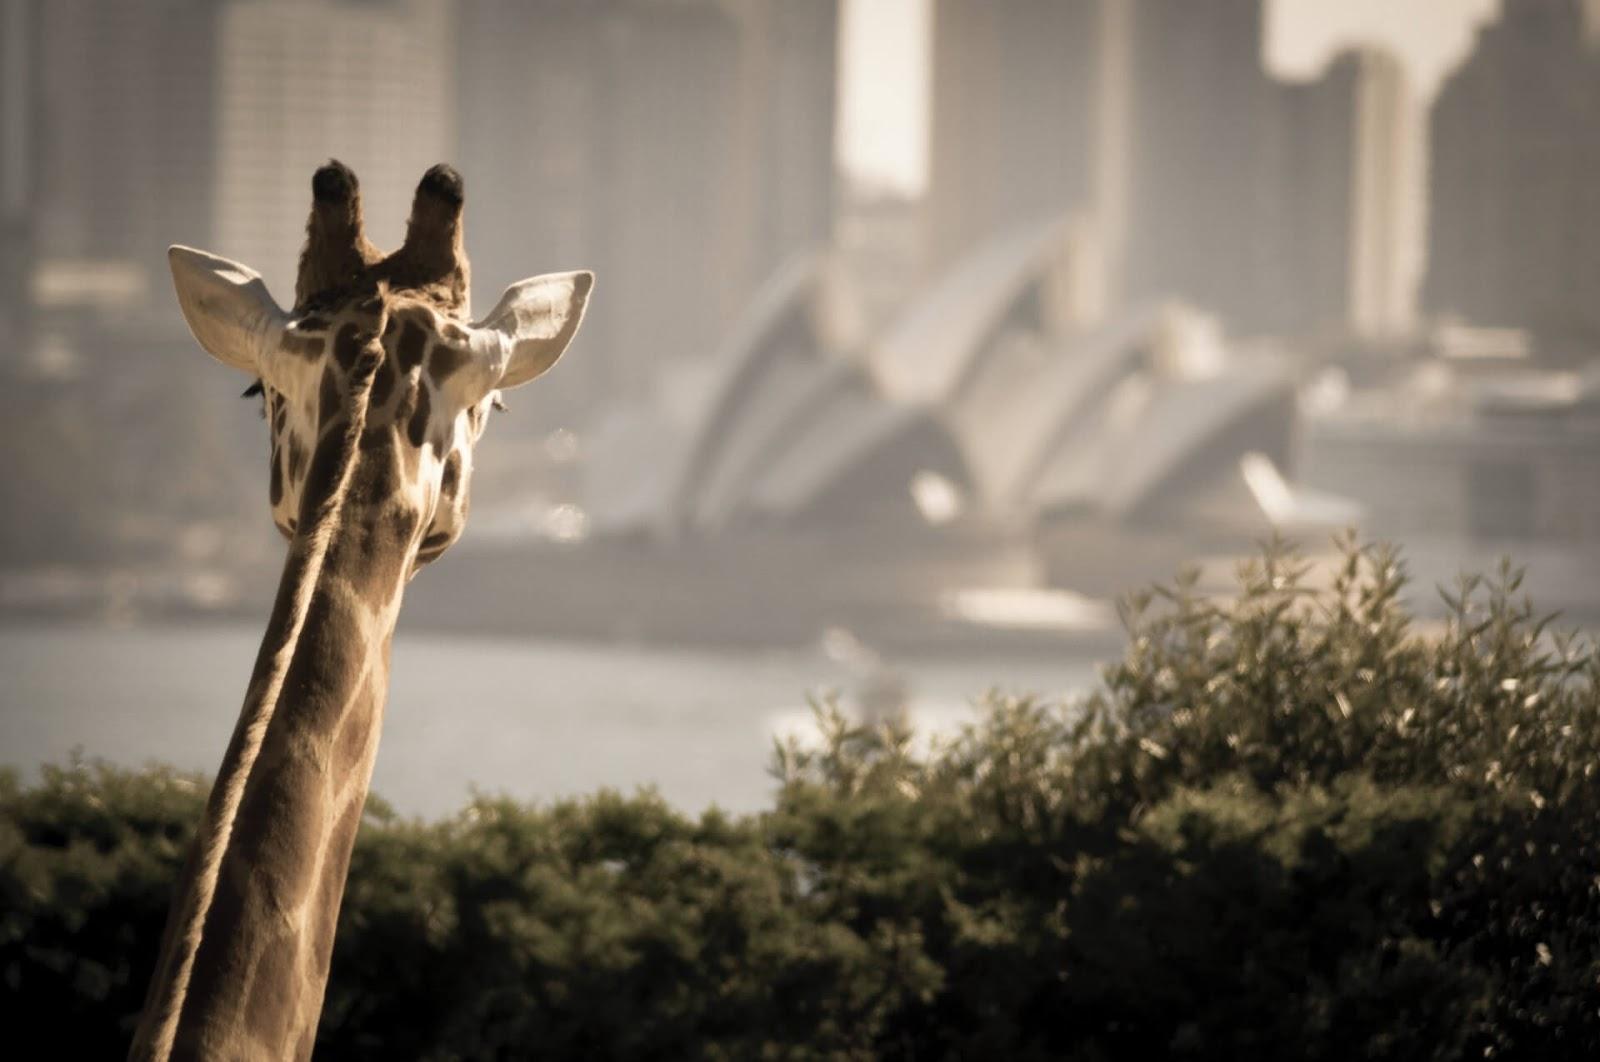 Taronga Zoo Wharf, Australia